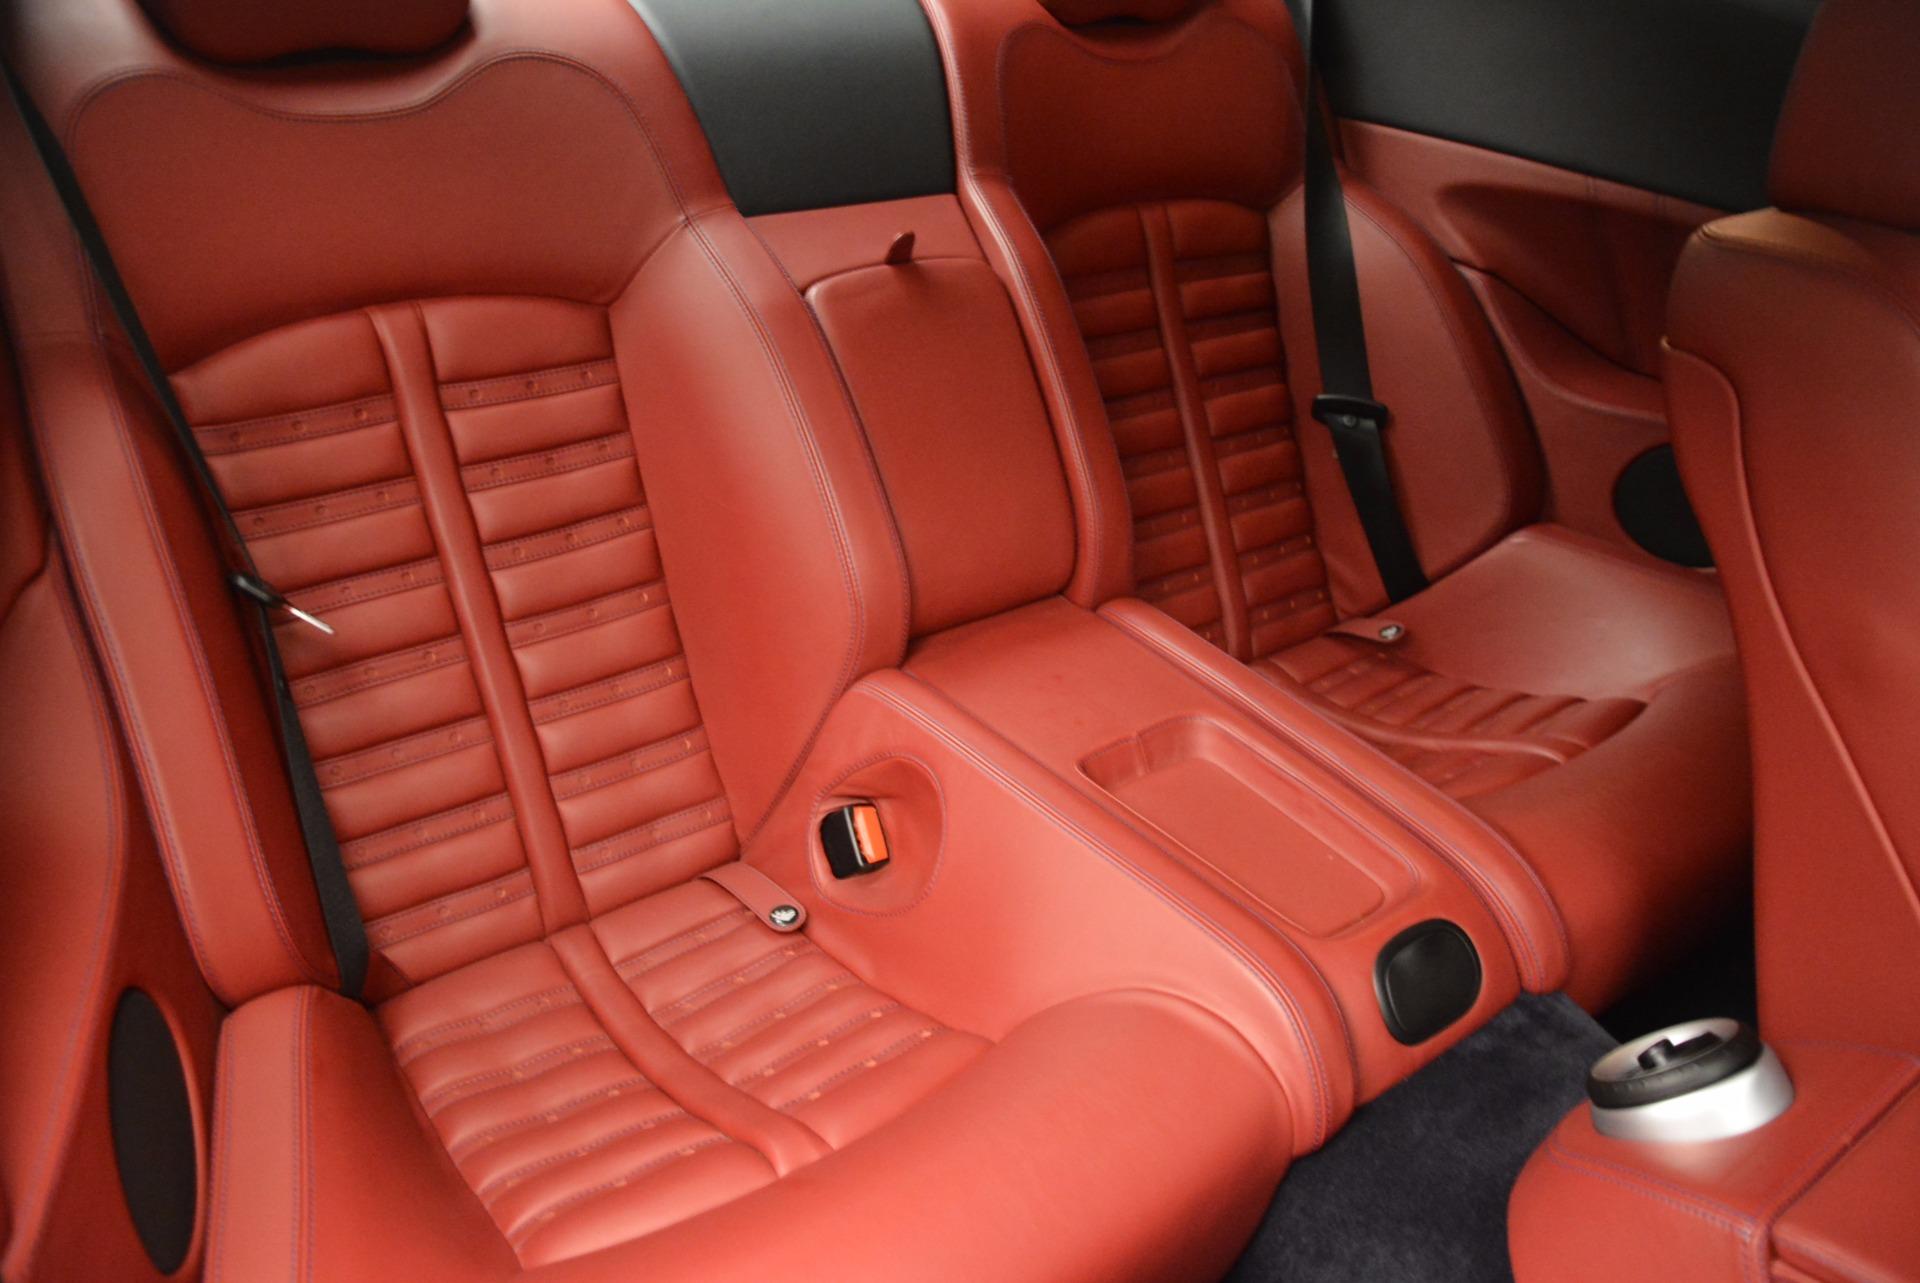 Used 2005 Ferrari 612 Scaglietti 6-Speed Manual For Sale In Greenwich, CT 854_p21